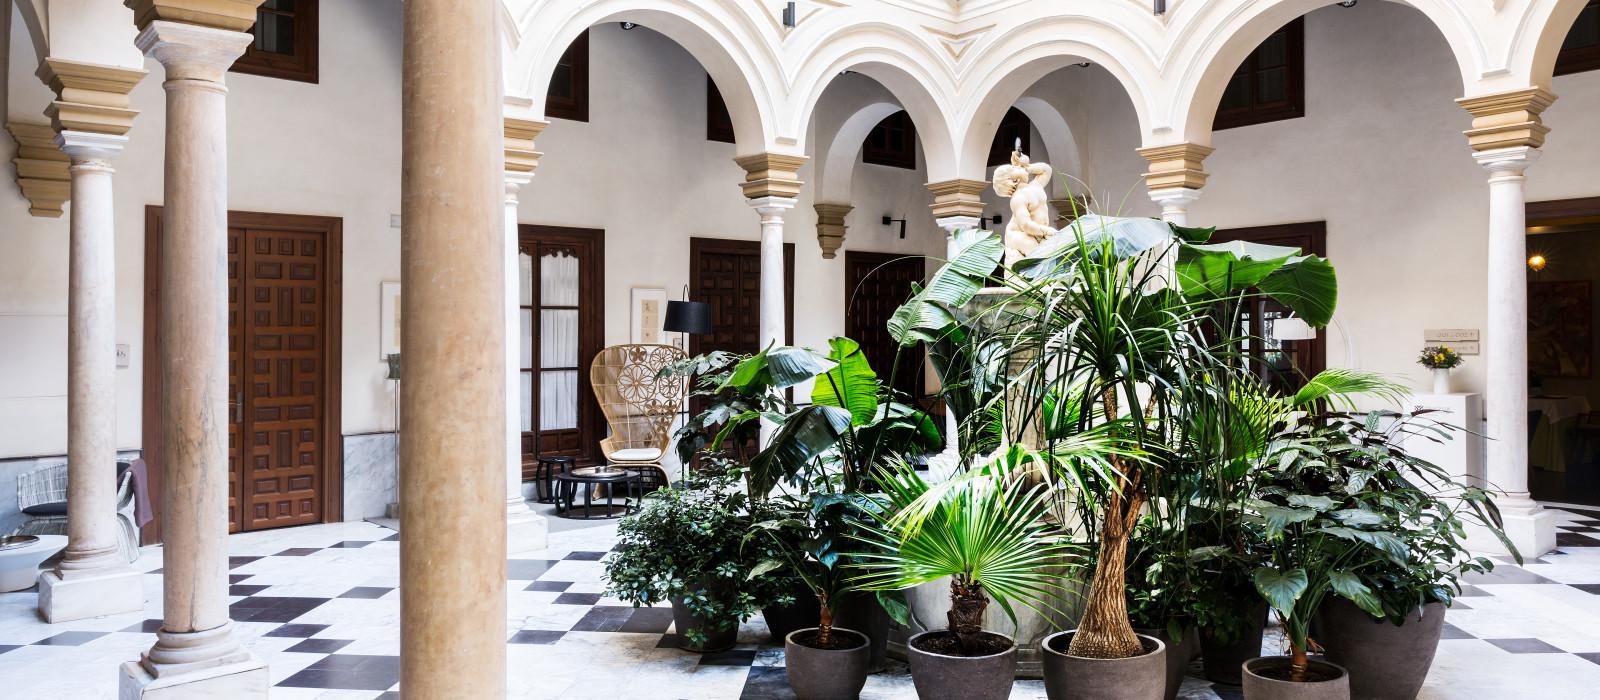 Hotel  Palacio Villapanes Spain